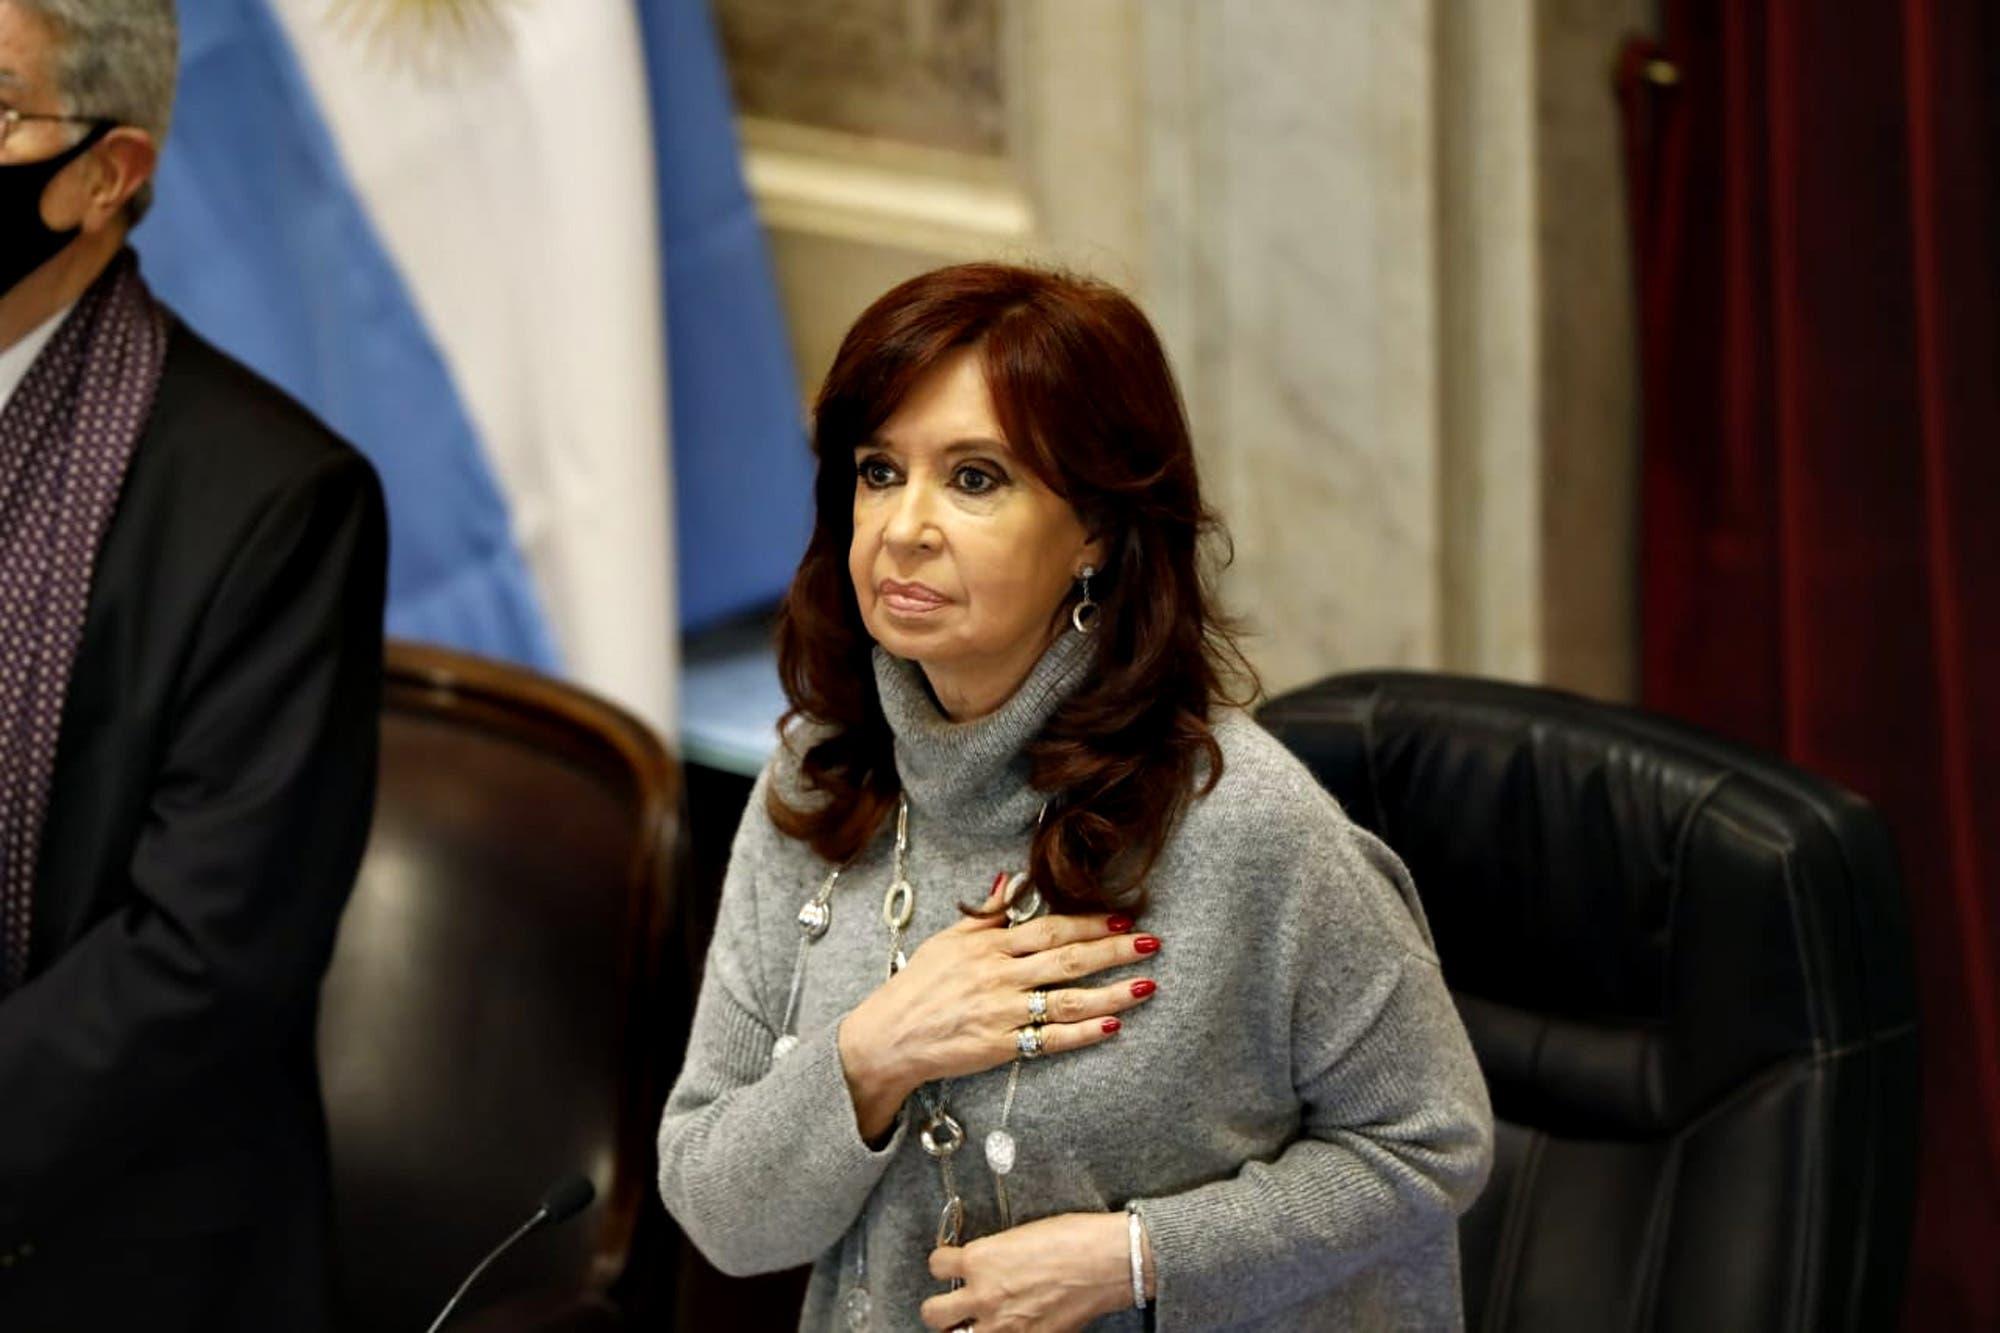 La carta completa de Cristina Kirchner en la que acusó de lawfare a la Corte